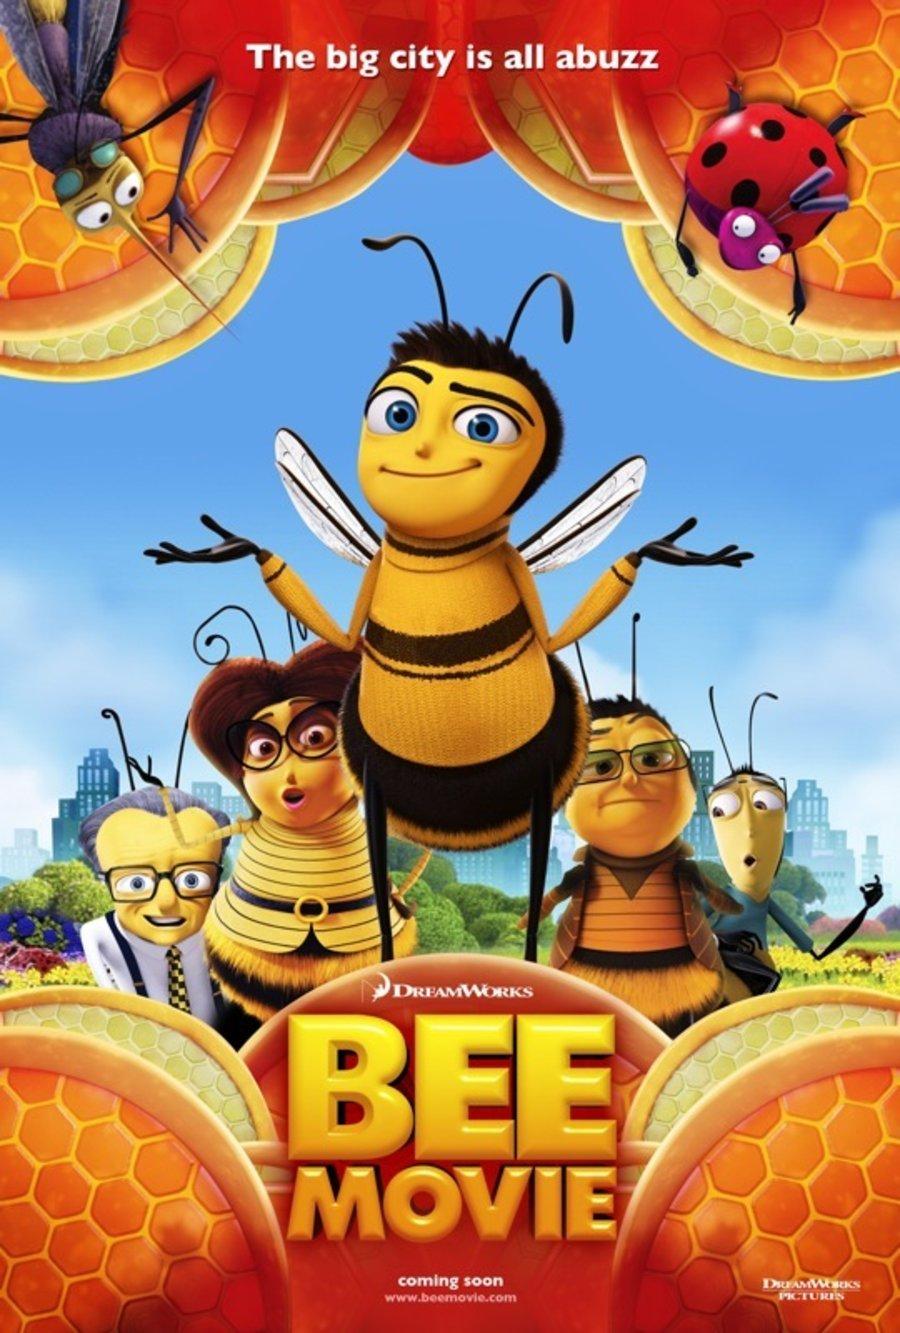 مشاهدة وتحميل فيلم Bee Movie 2007 Bluray 720p مدبلج للعربية اون لاين